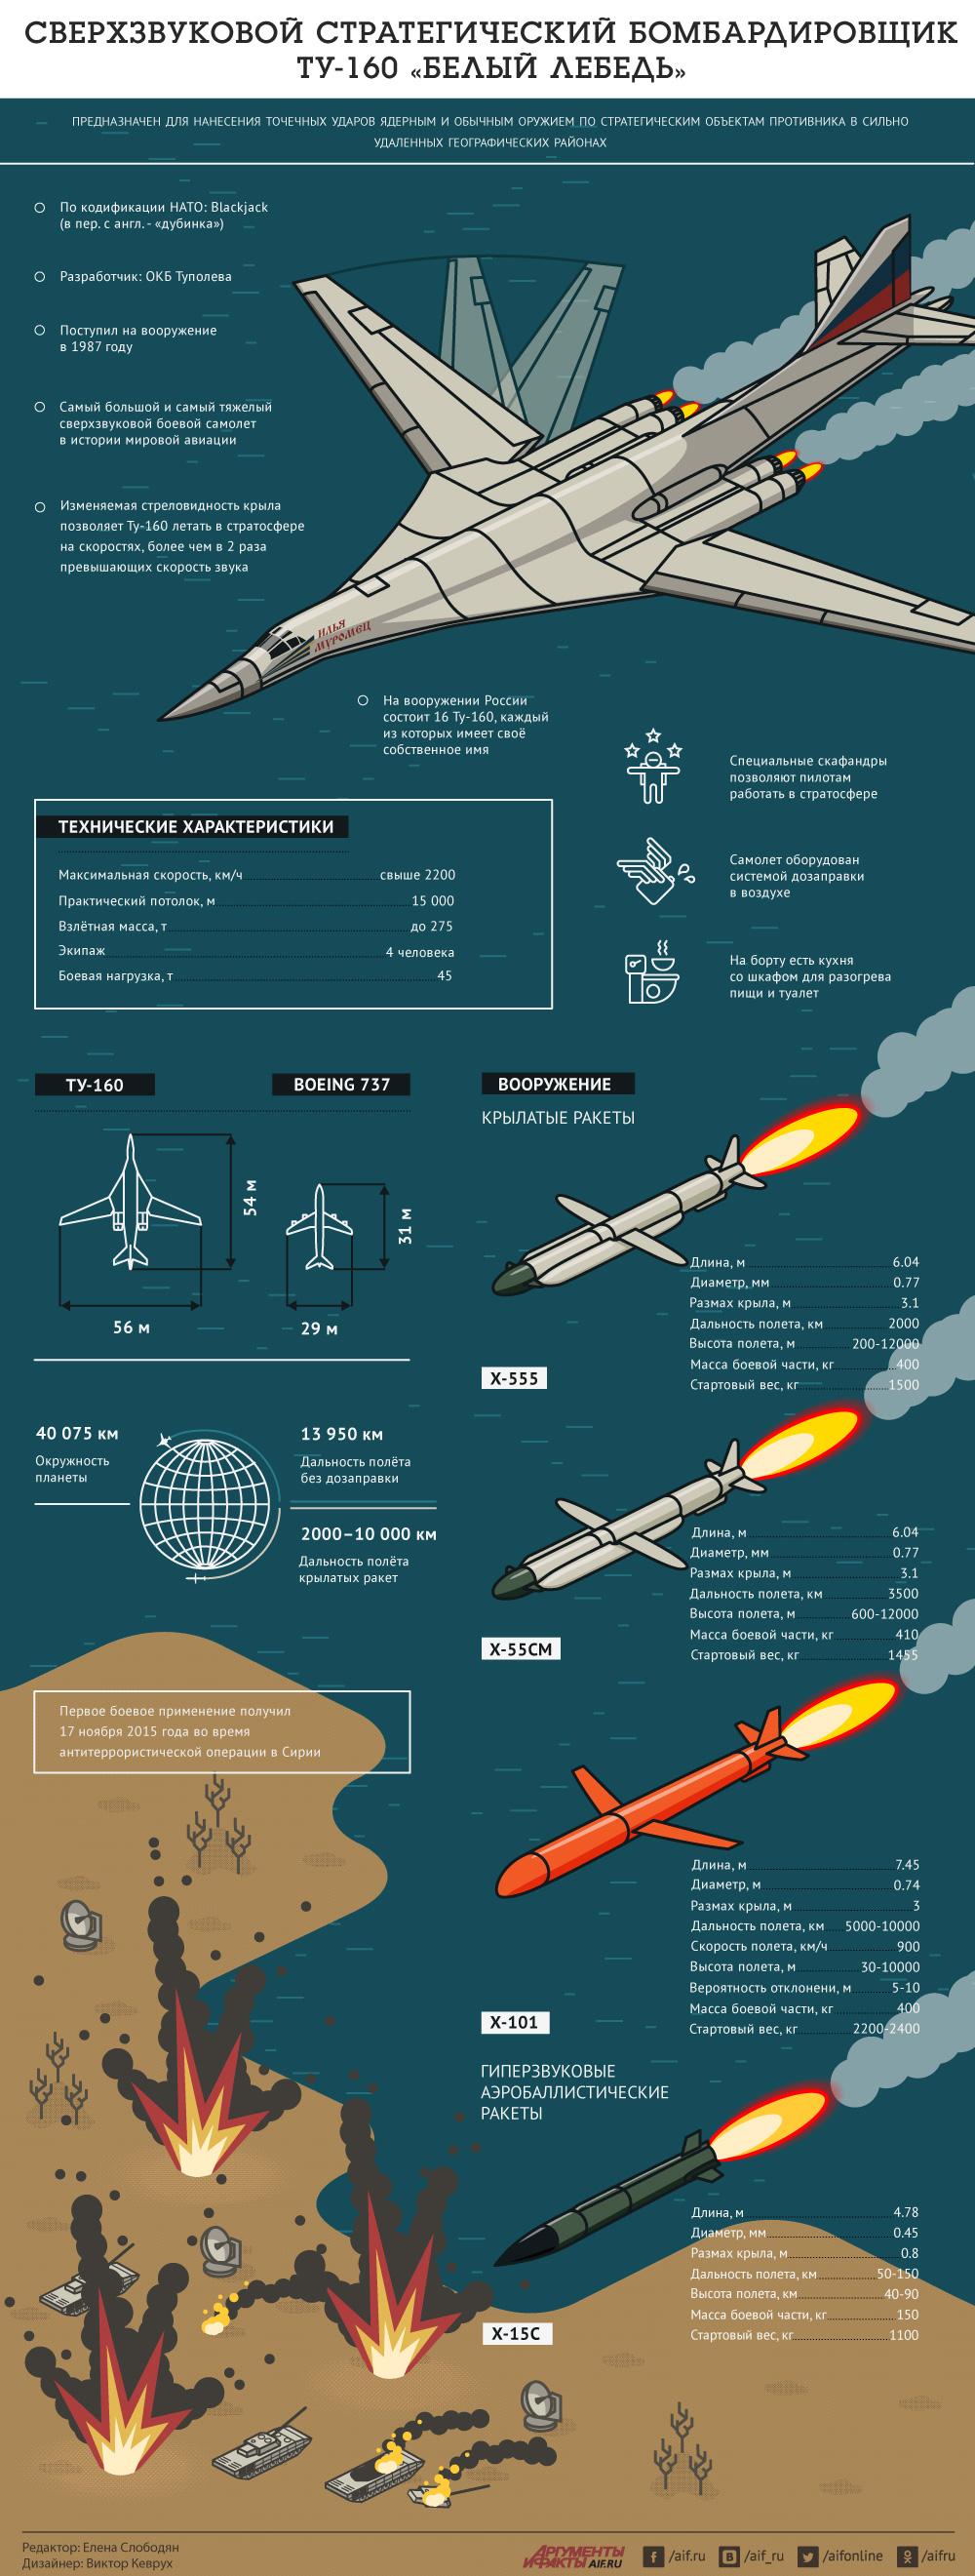 Сверхзвуковой бомбардировщик Ту-160 «Белый лебедь». Инфографика